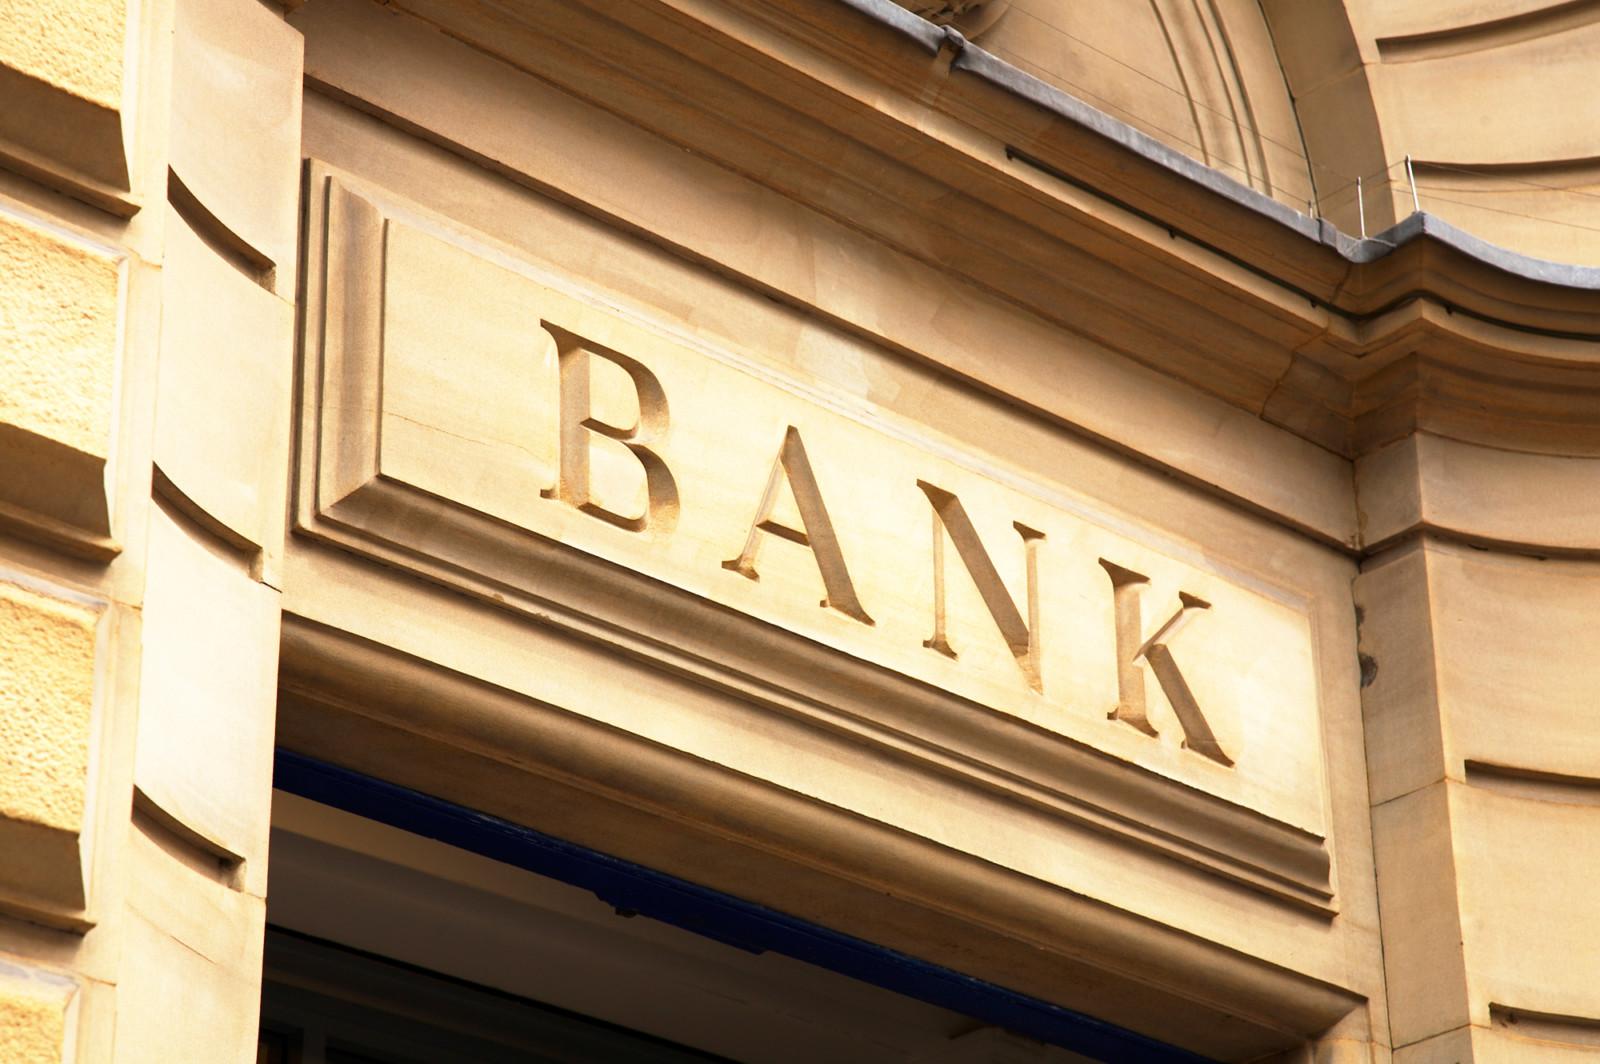 У 9 кандидатов в депутаты Заксобрания нашли активы в иностранных банках